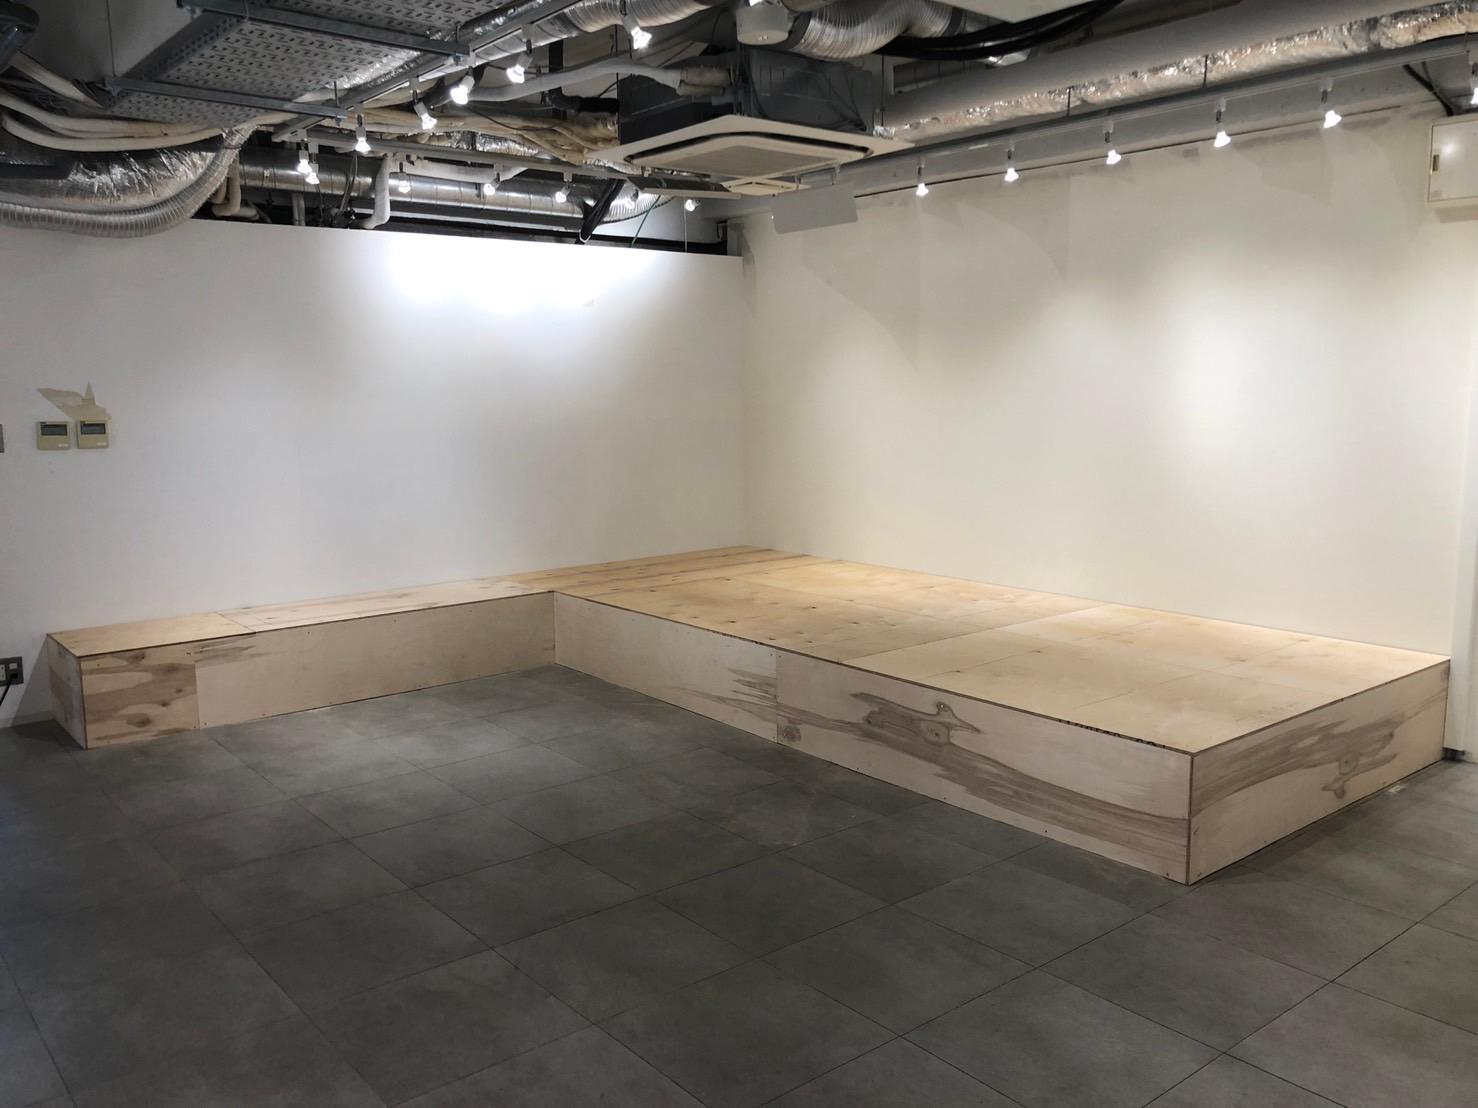 ビル 置床工事 乾式二重床(東京都渋谷区)